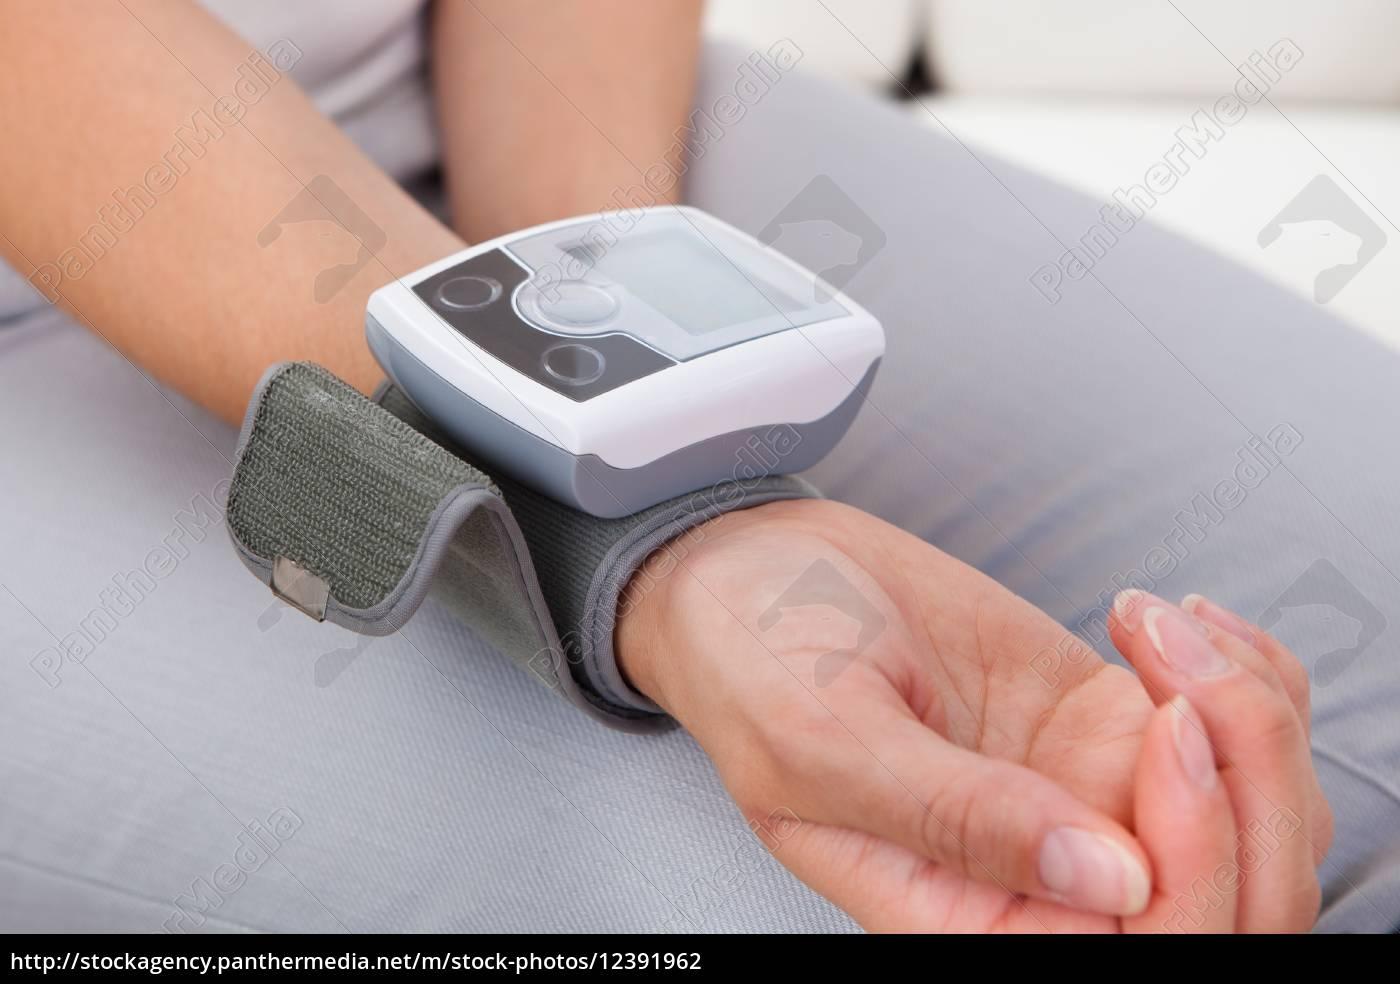 kobieta, mierząc, jej, ciśnienie, krwi - 12391962